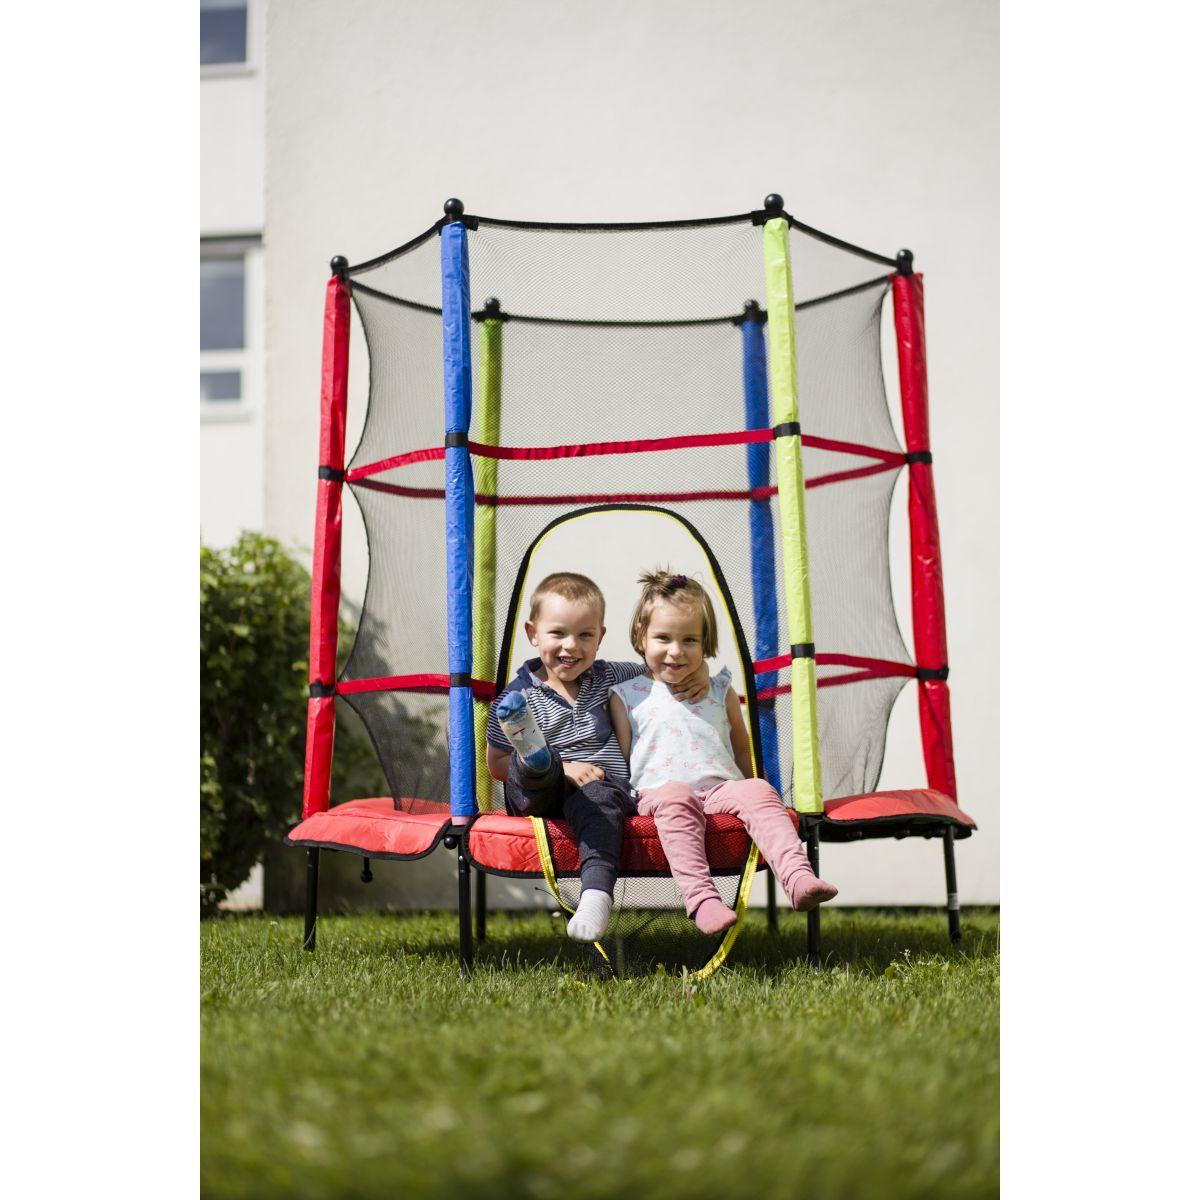 outdoor garten trampolin 140 cm f r kinder komplettset mit sicherheitsnetz neu ebay. Black Bedroom Furniture Sets. Home Design Ideas